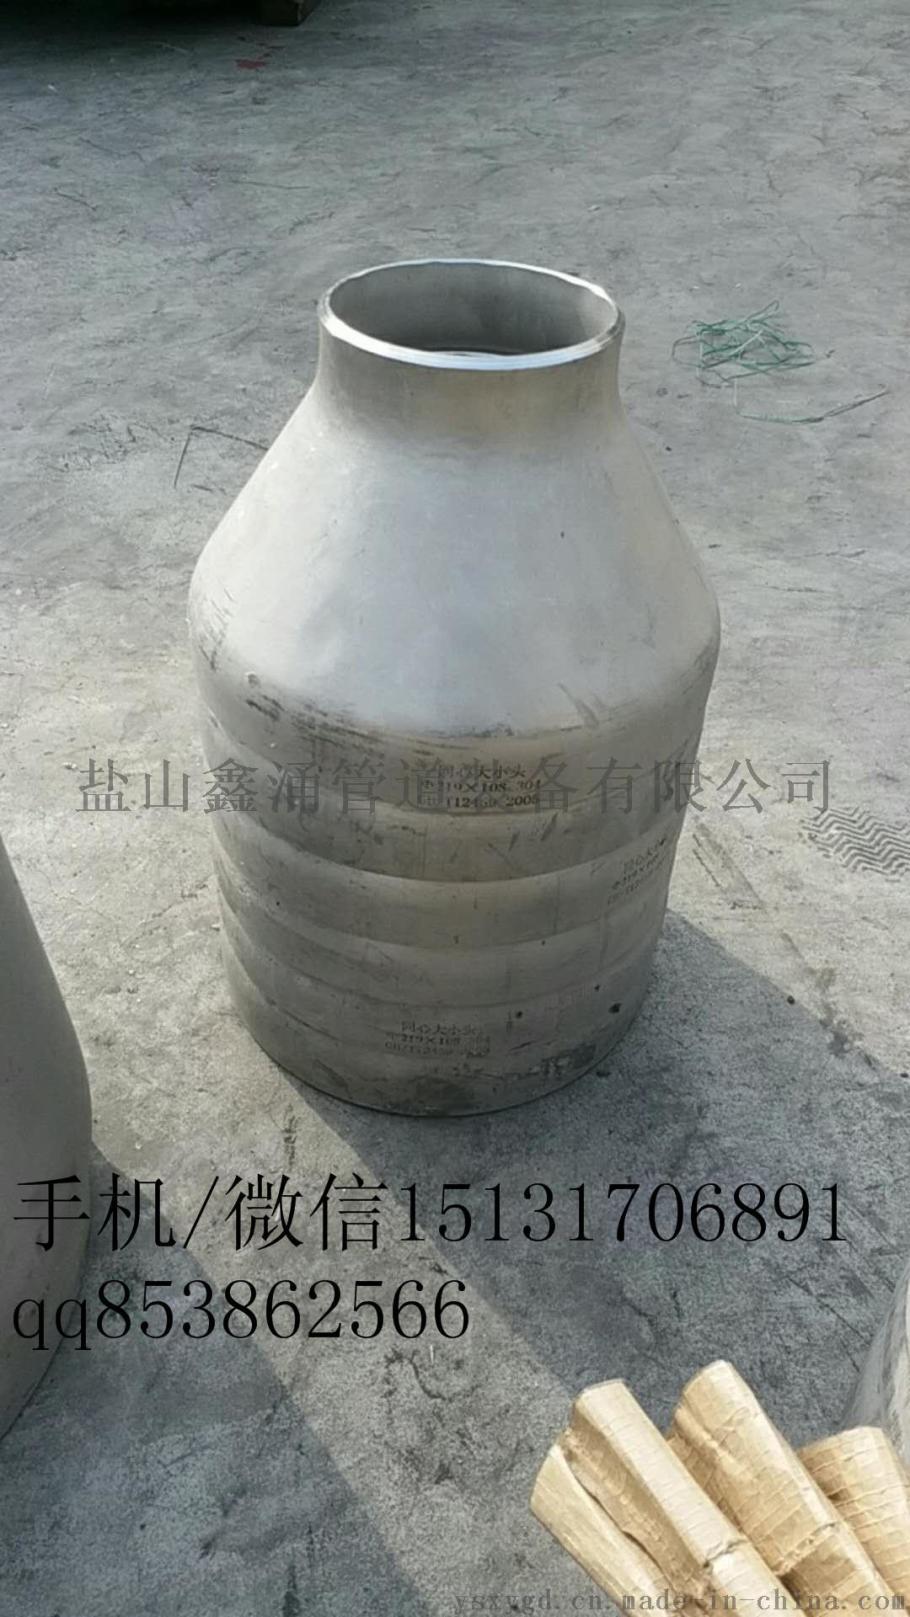 昭通优质国标异径管 同心偏心大小头厂家764920555